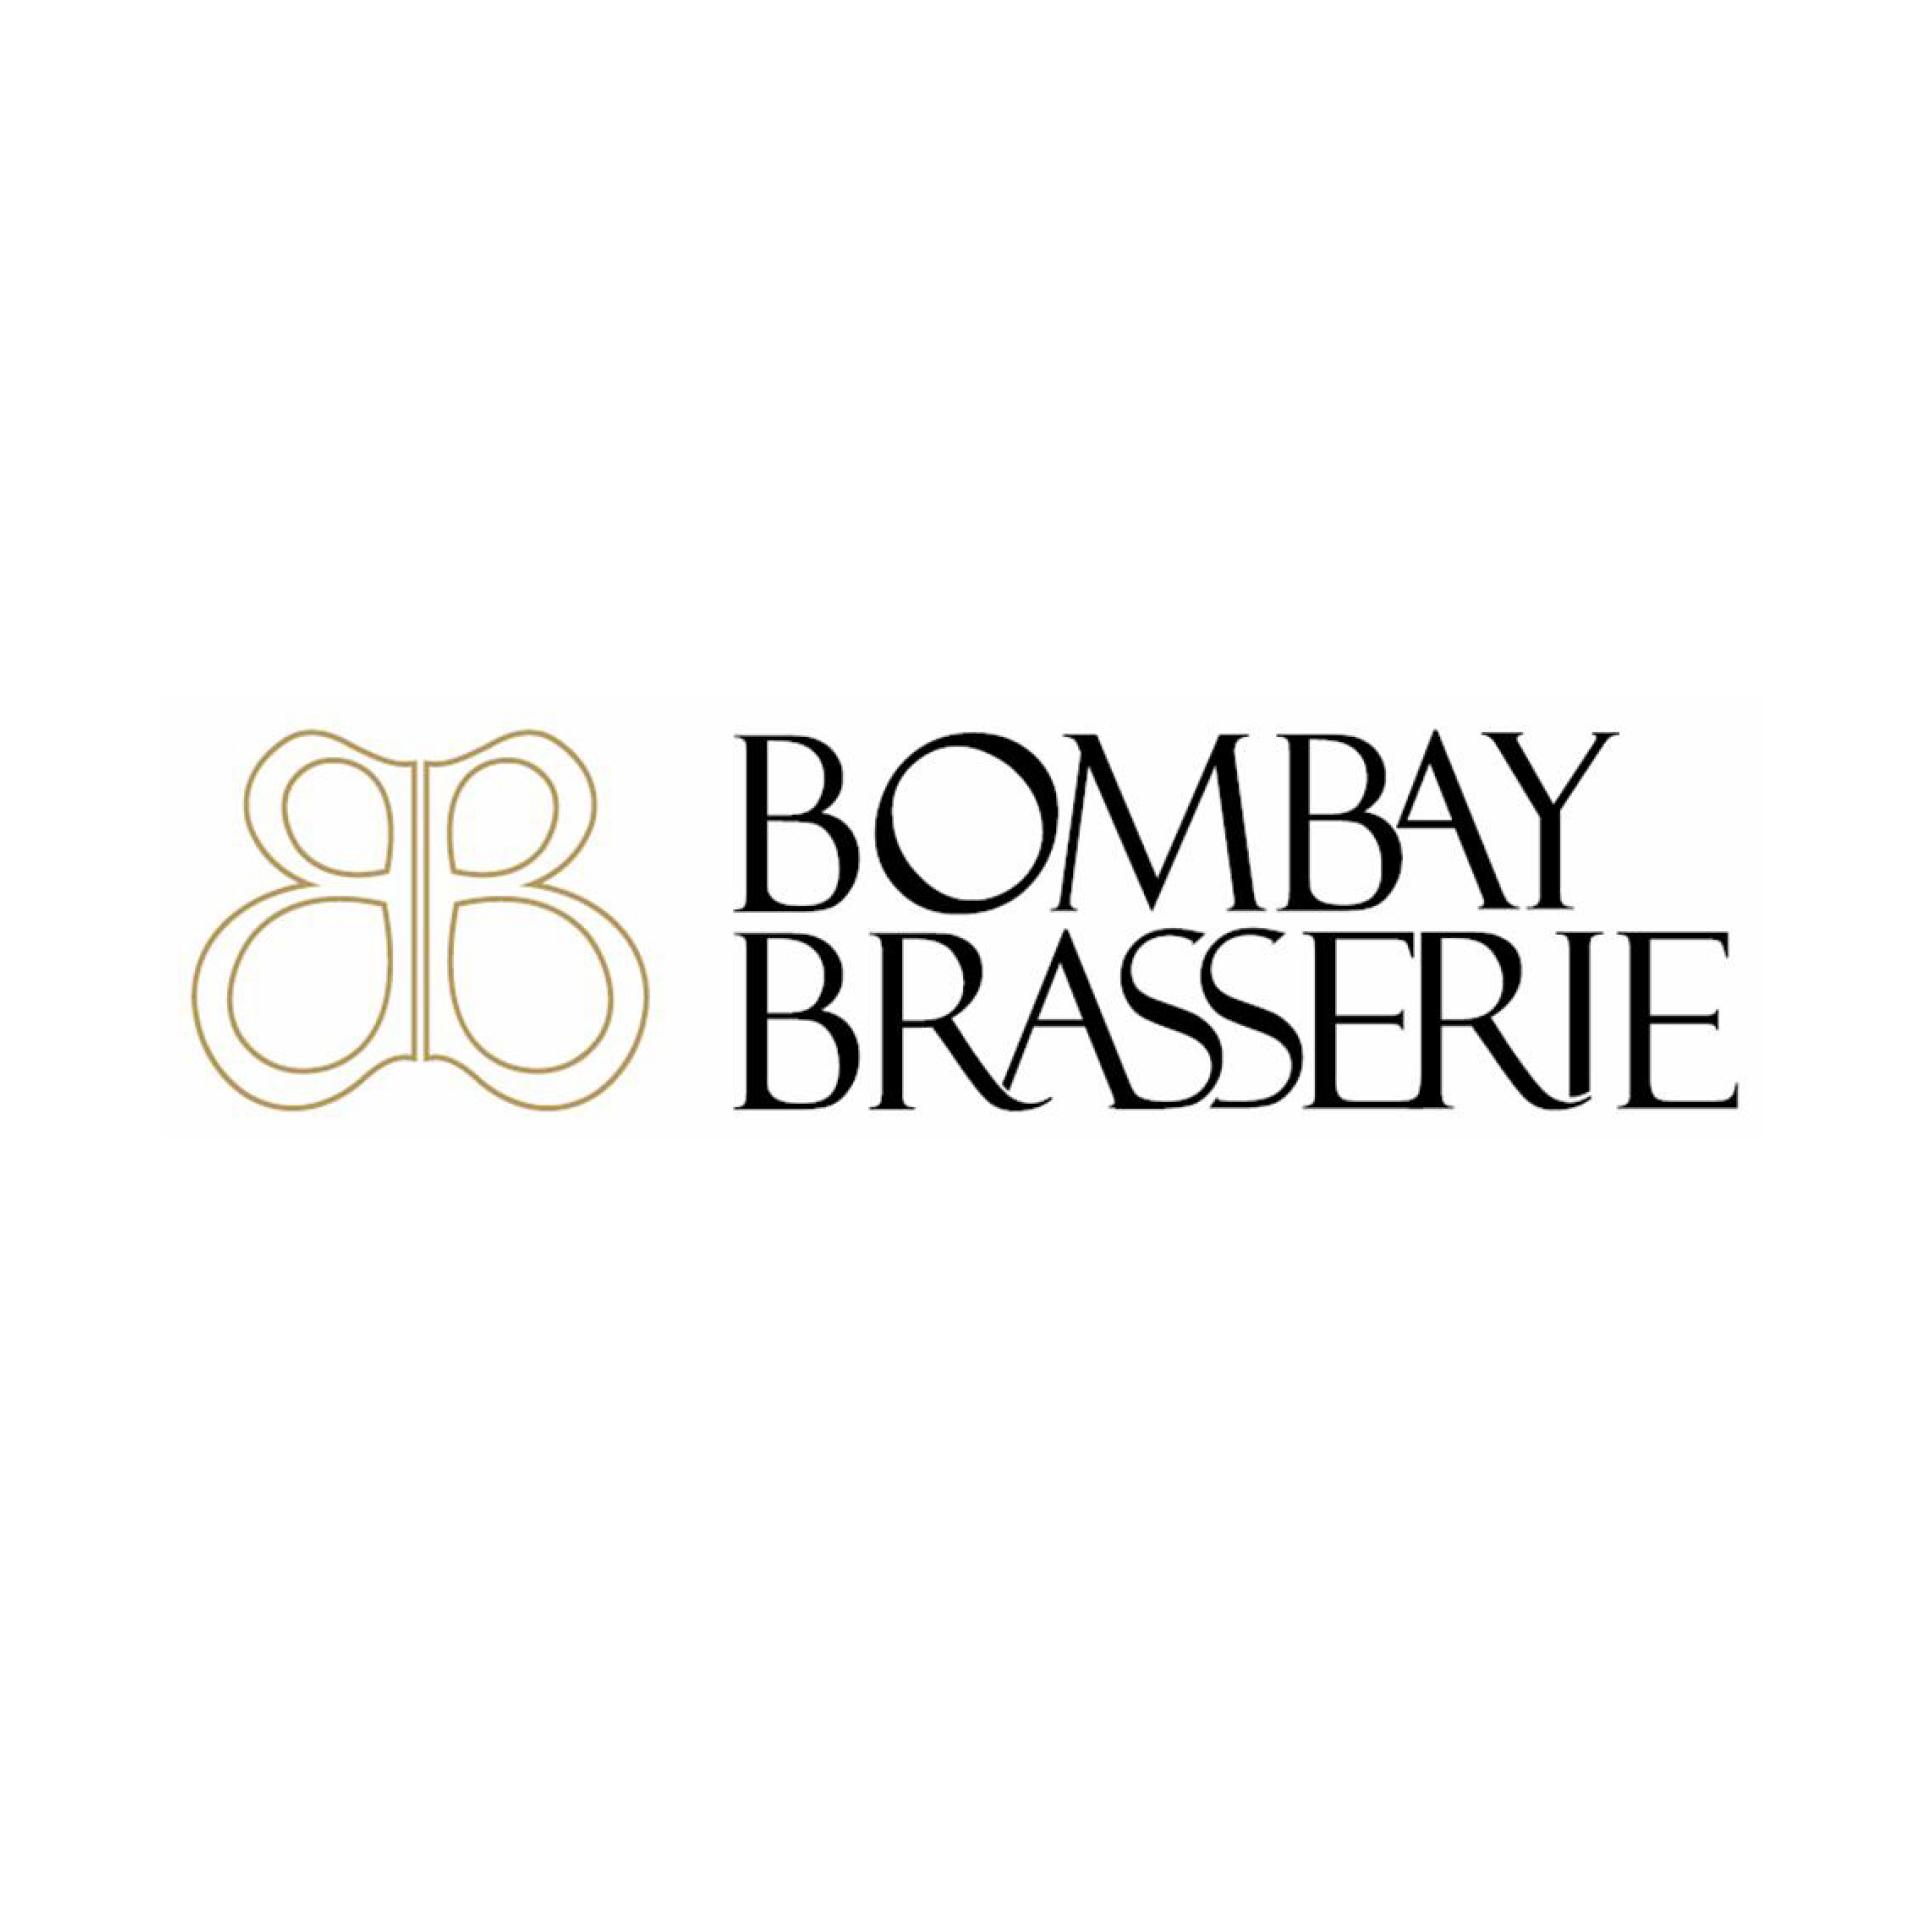 Bombay Brasserie,Taj Cape Town